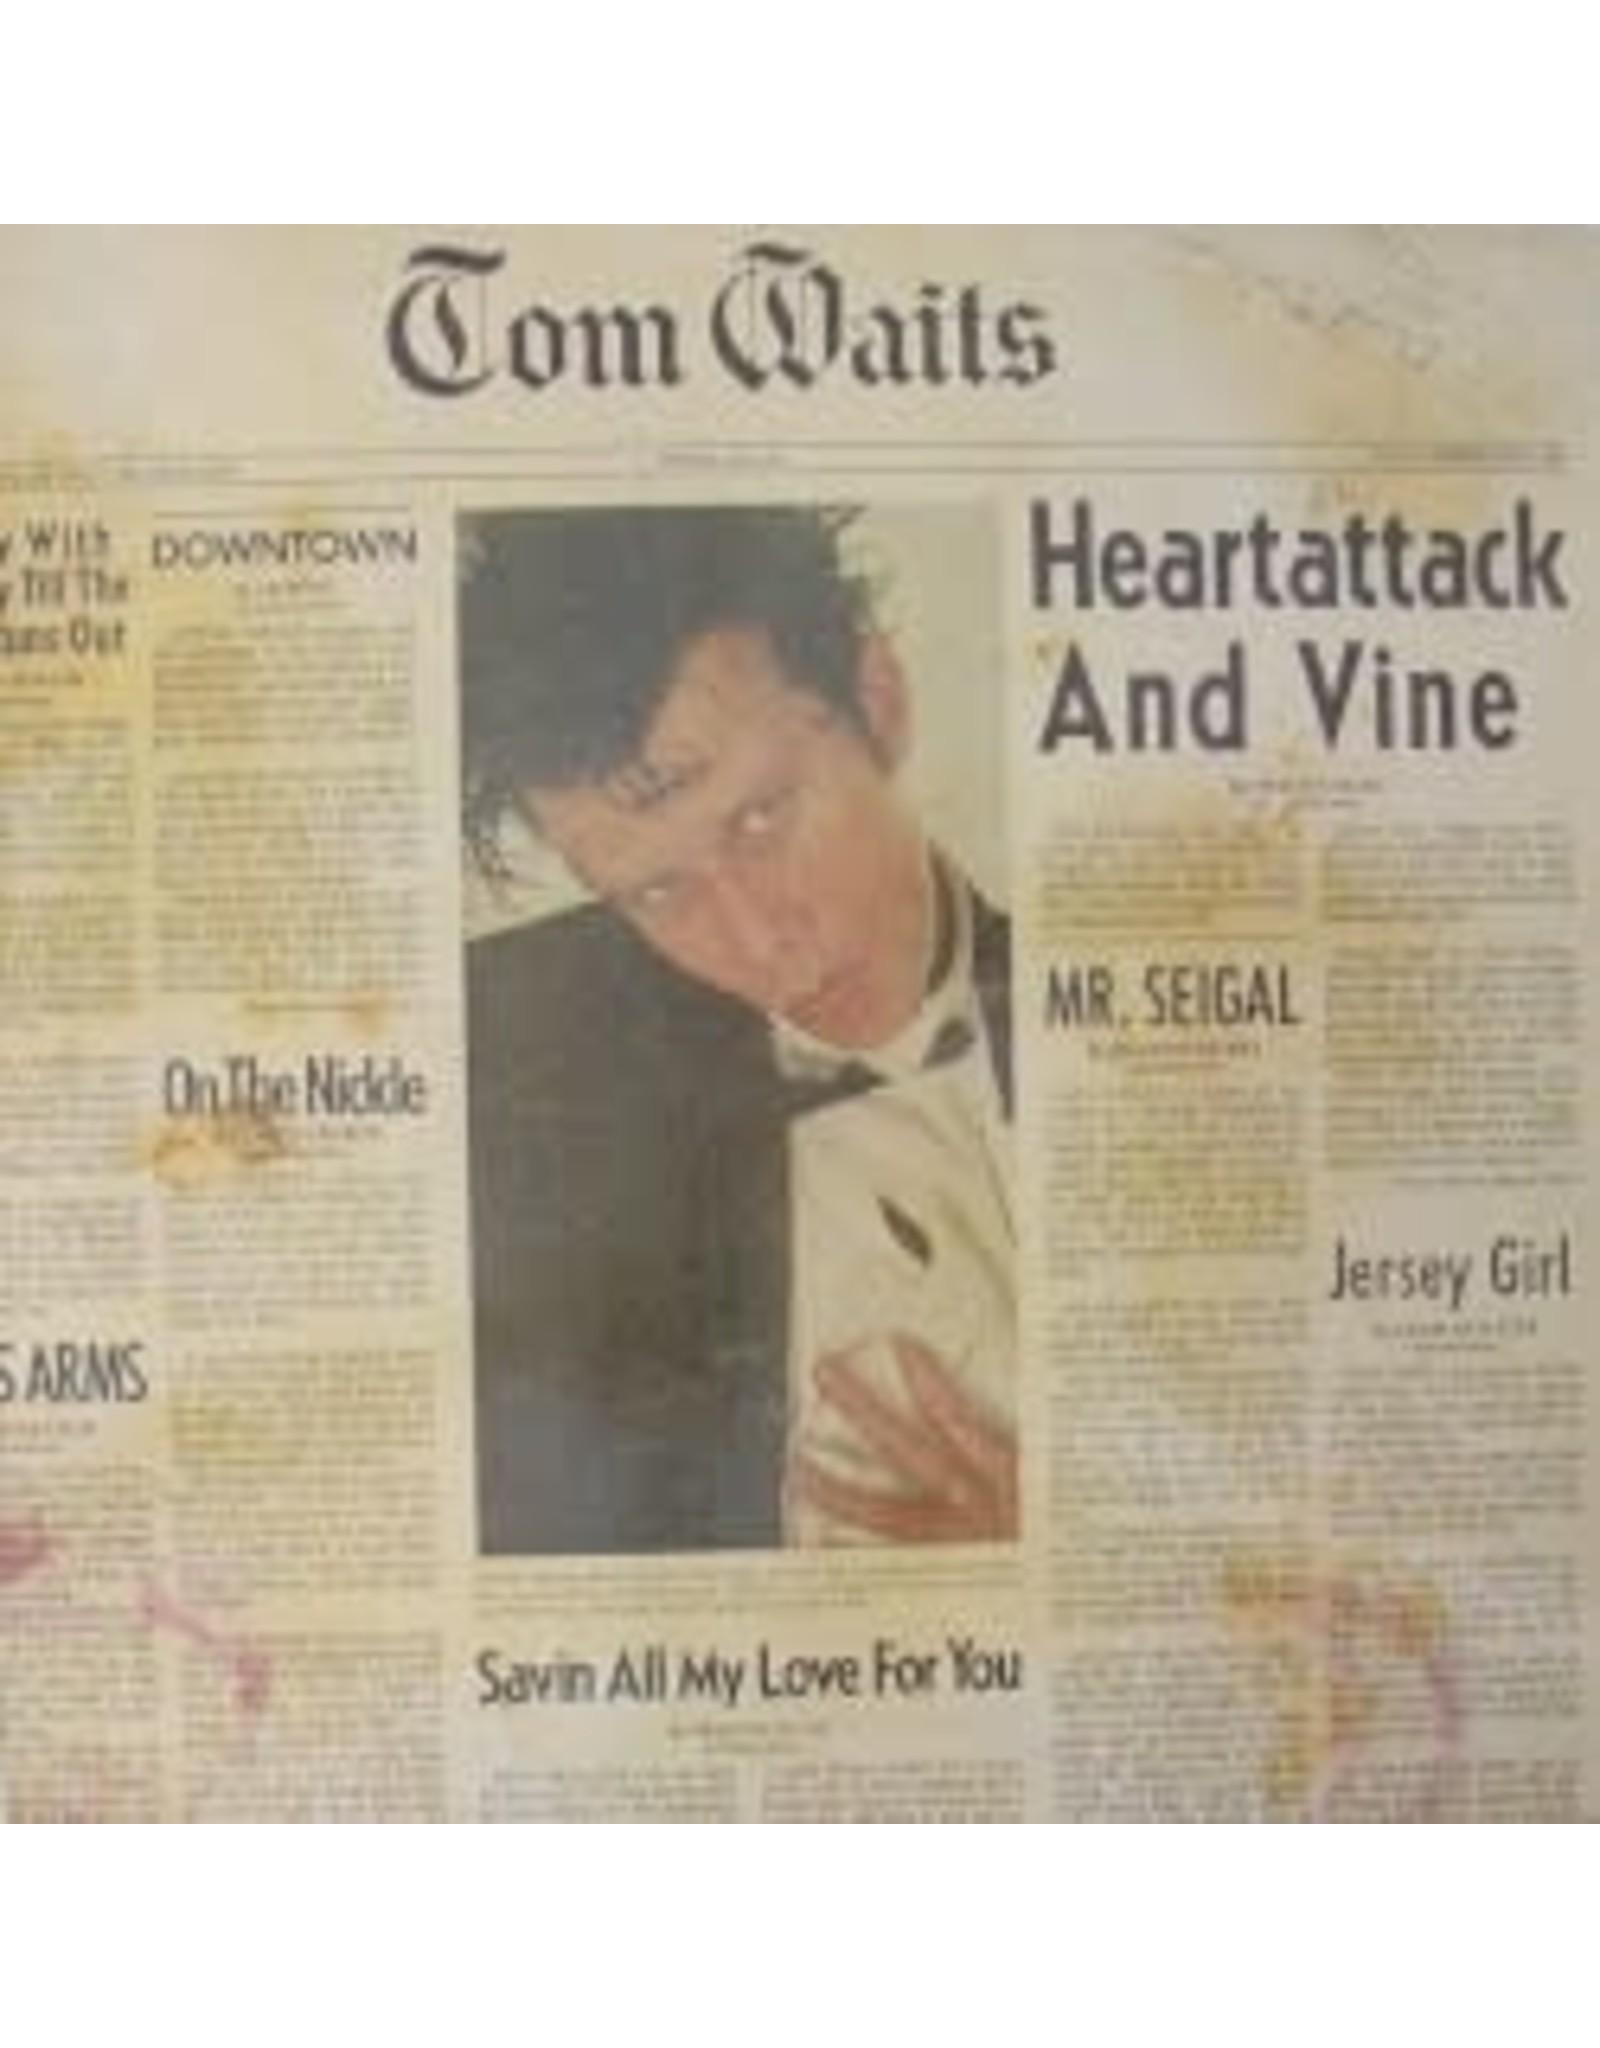 Waits, Tom - Heart Attack & Vine LP